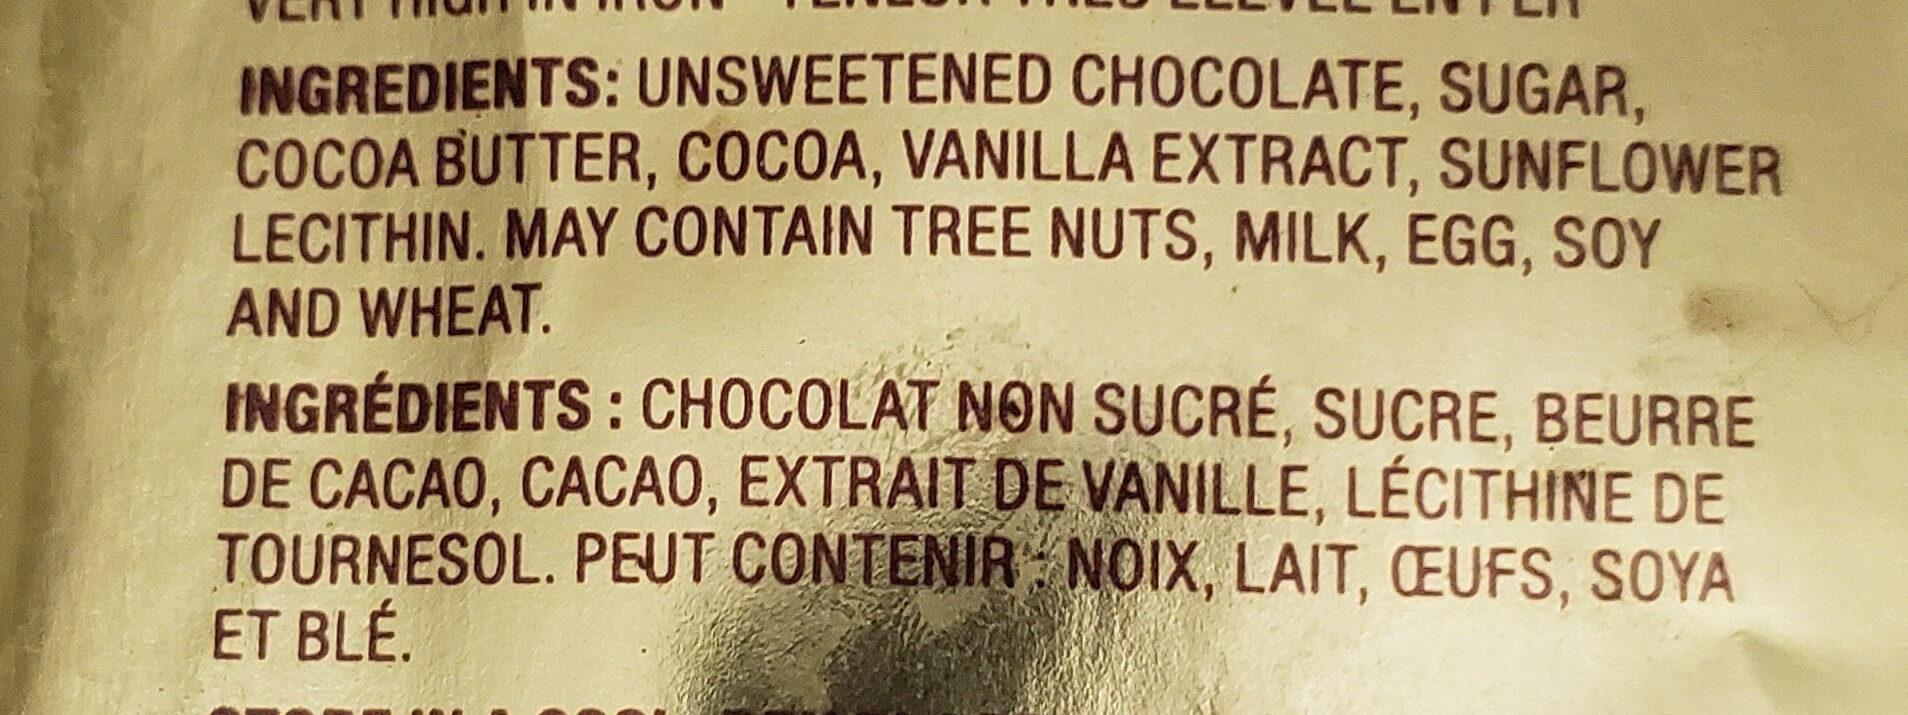 Cocoa solids dark chocolate - Ingredients - en